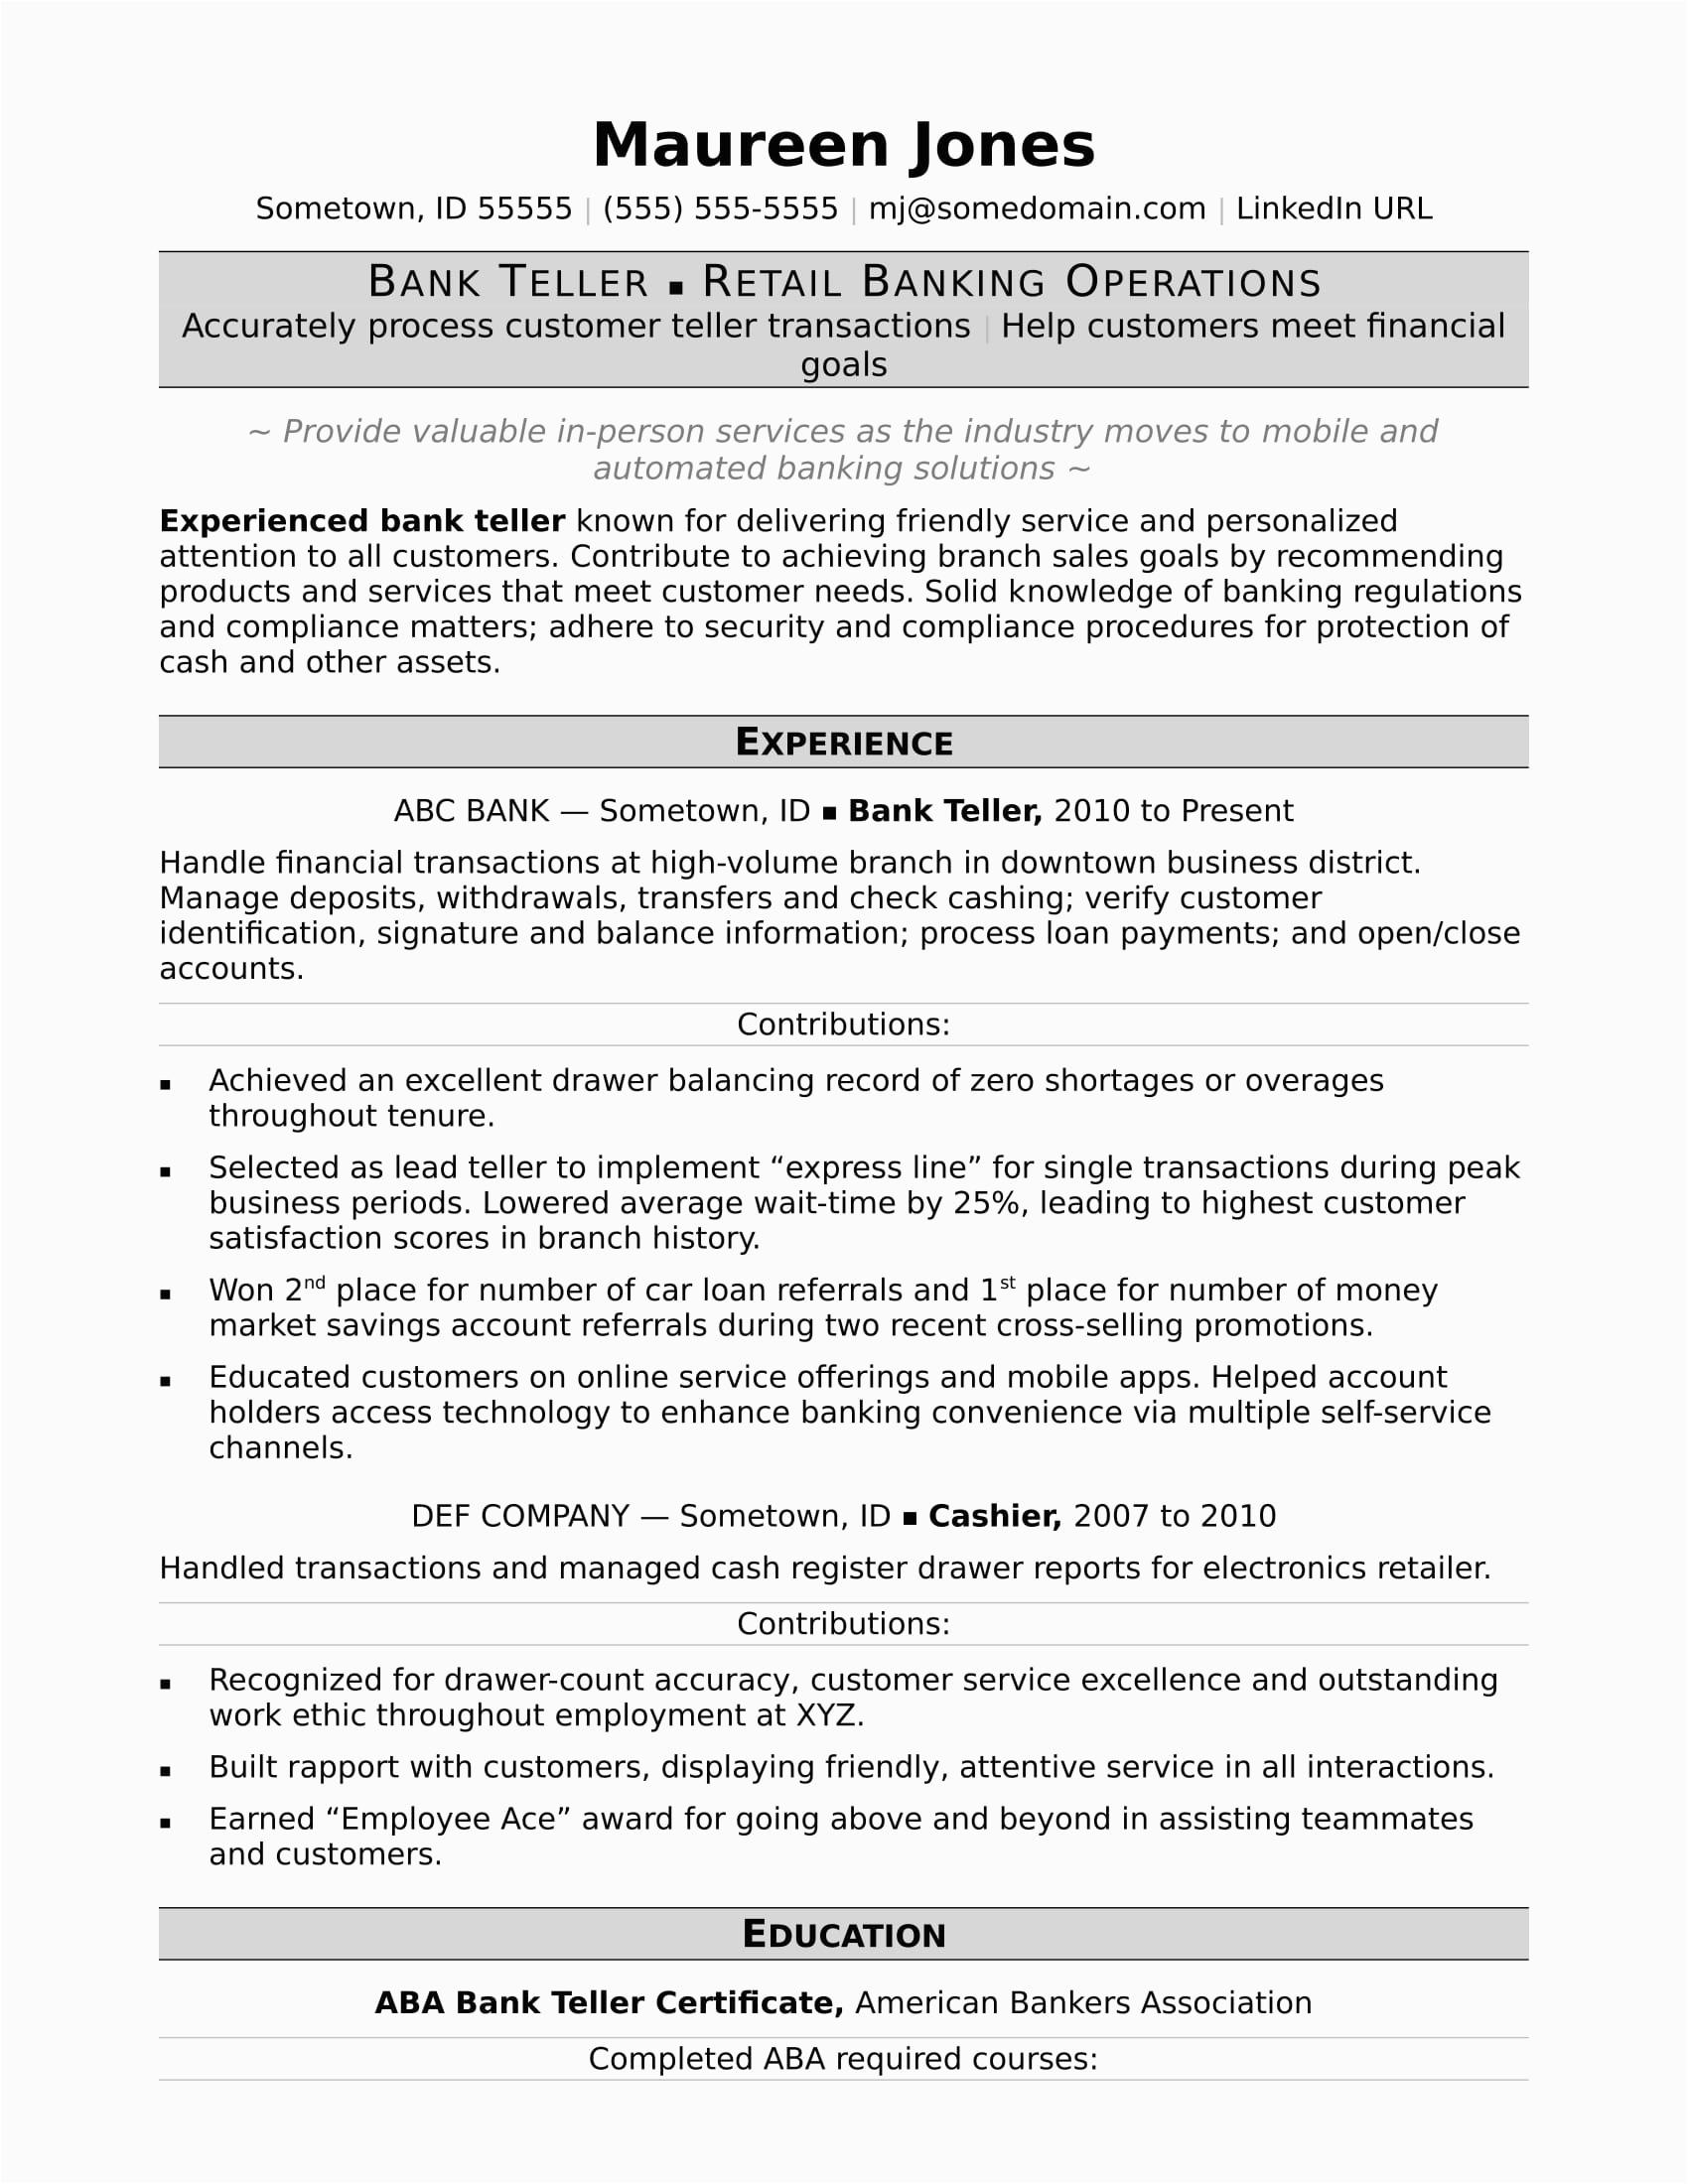 Resume Samples for Bank Teller Positions Bank Teller Resume Sample